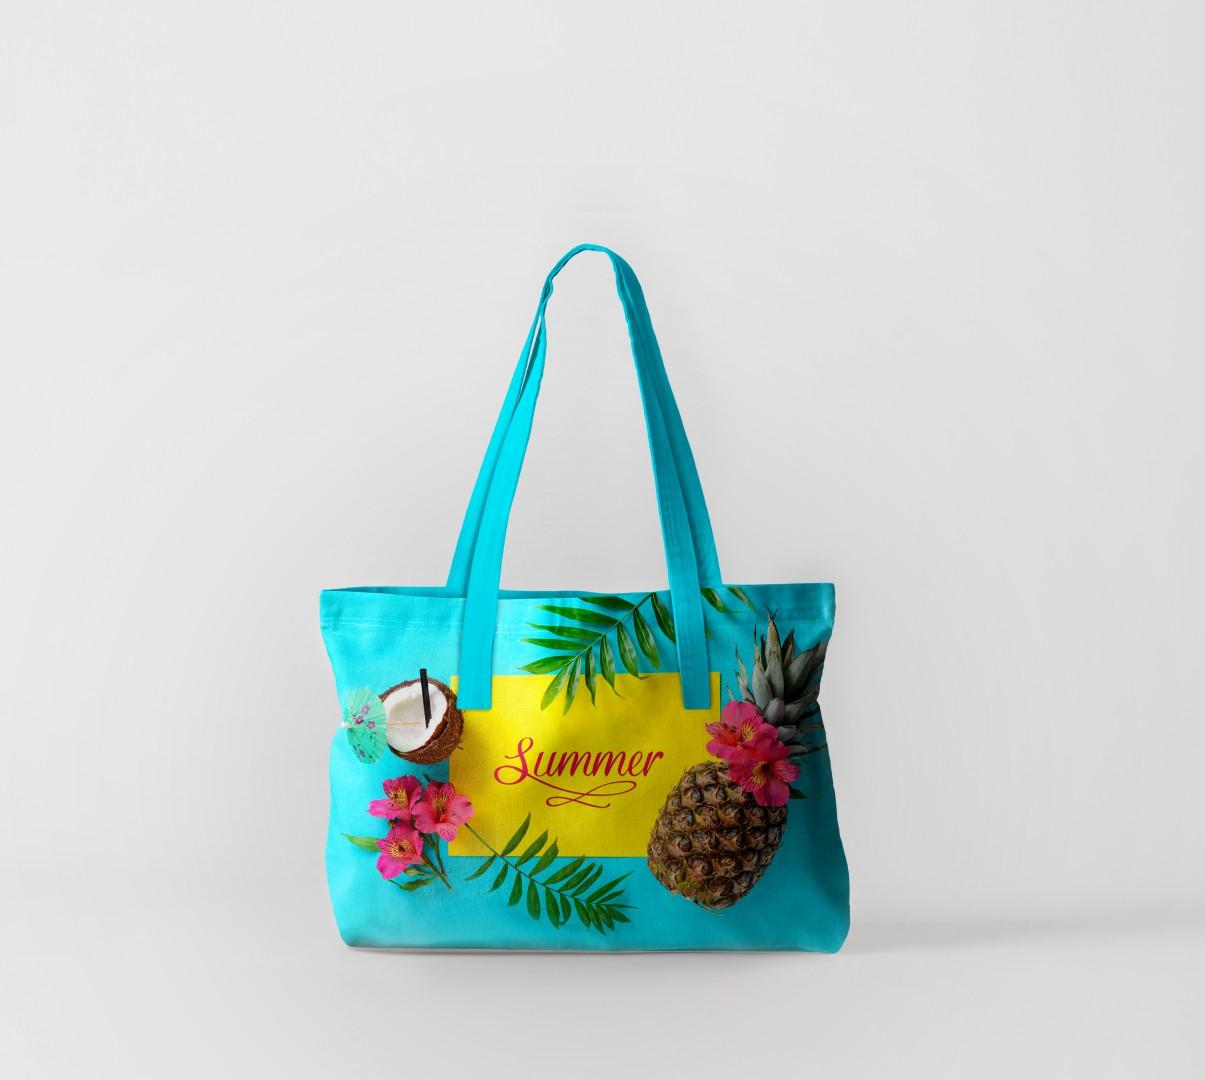 Пляжная сумка Лето с фруктами 2 (50х40 см) Олимп Текстиль oli732575